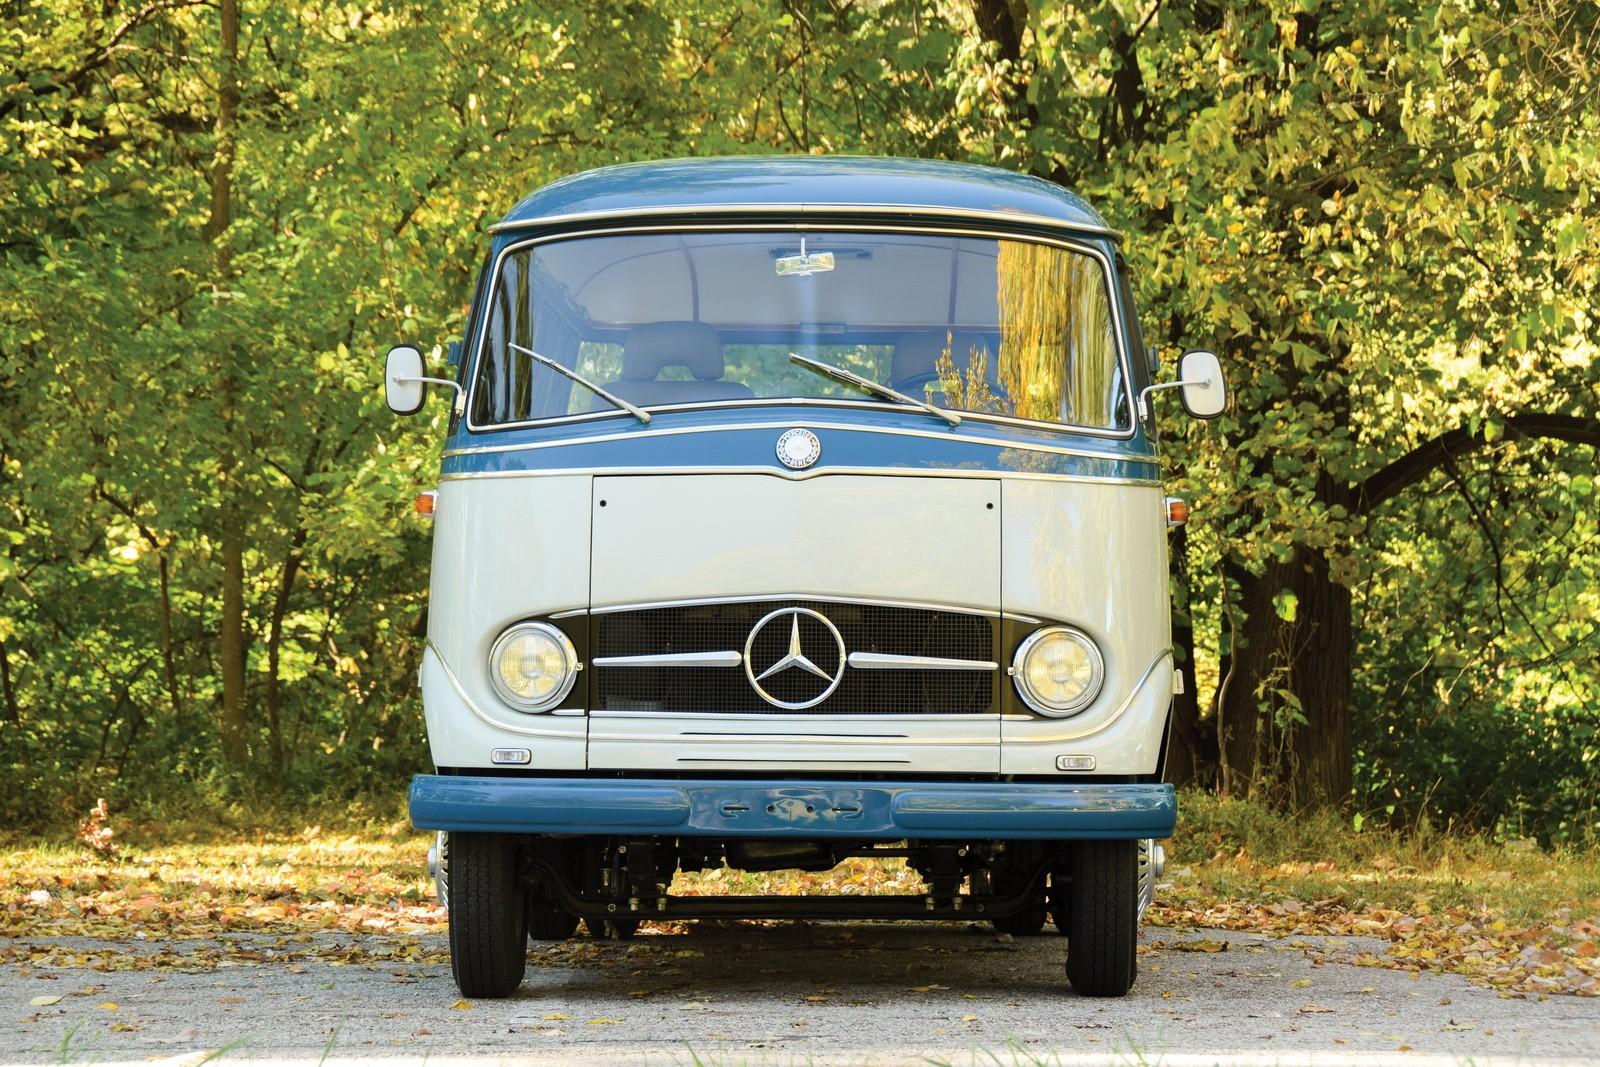 1959 Mercedes-Benz O 319 Camper Van Is Not Your Average ...